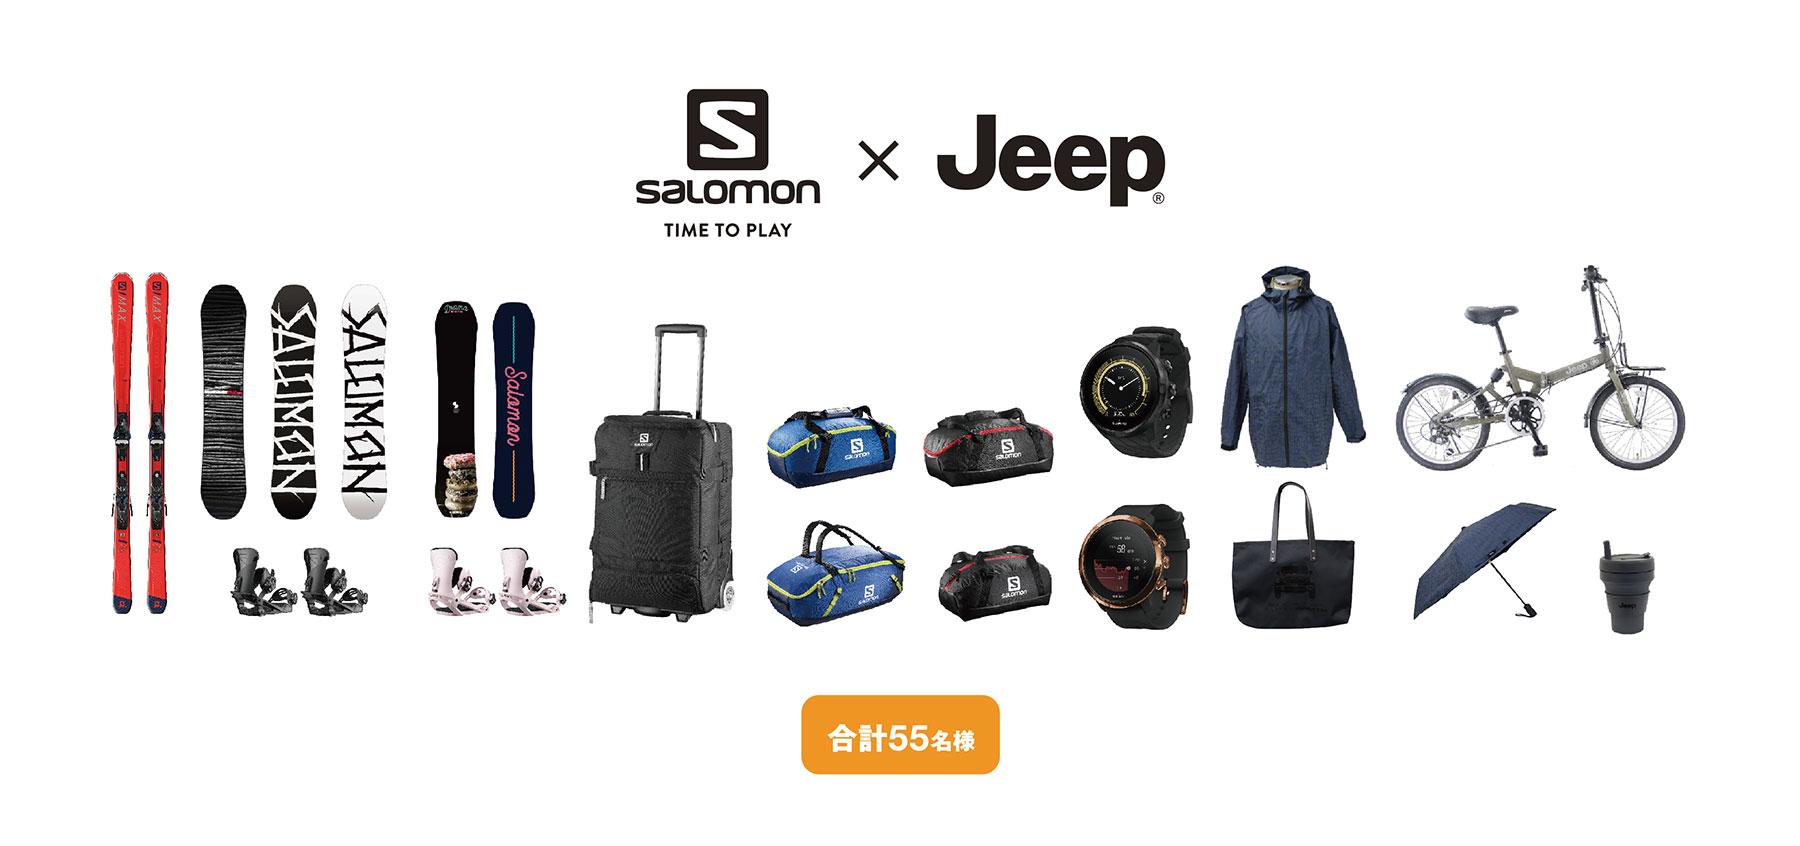 Salomon × Jeep ウインターキャンペーン